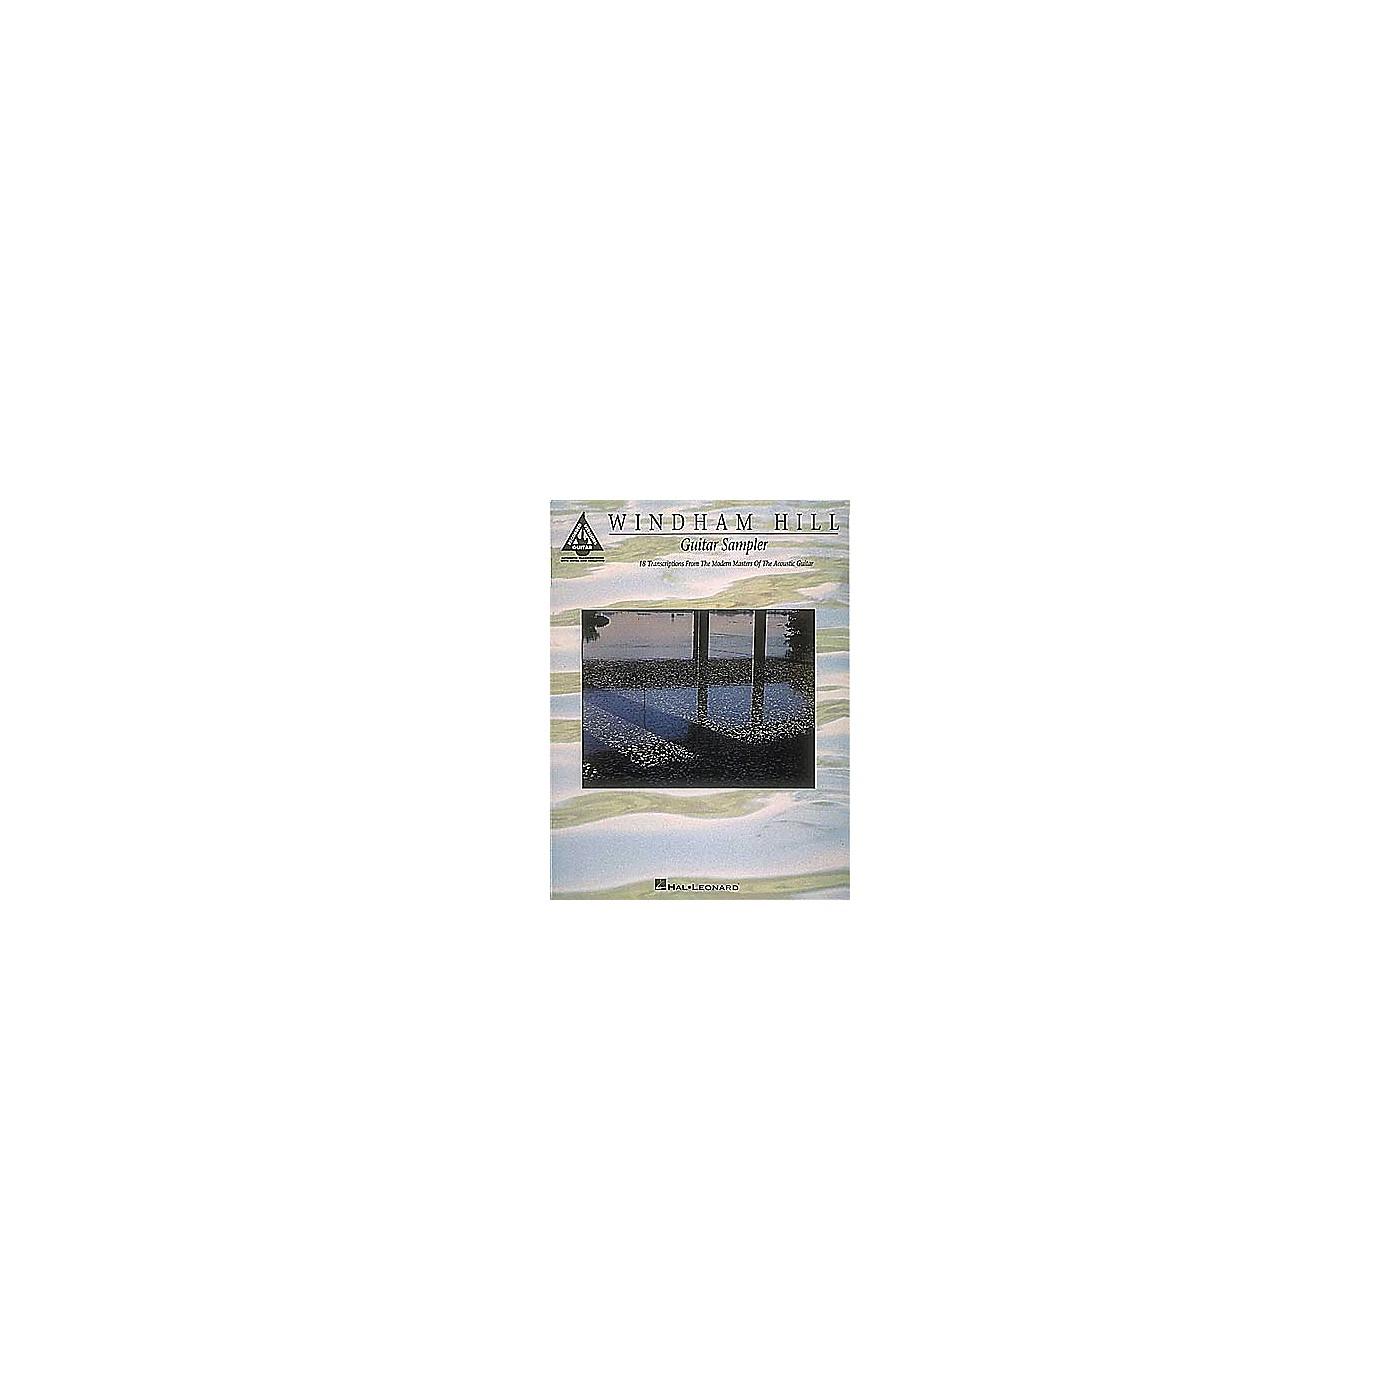 Hal Leonard Windham Hill Guitar Sampler Guitar Tab Songbook thumbnail